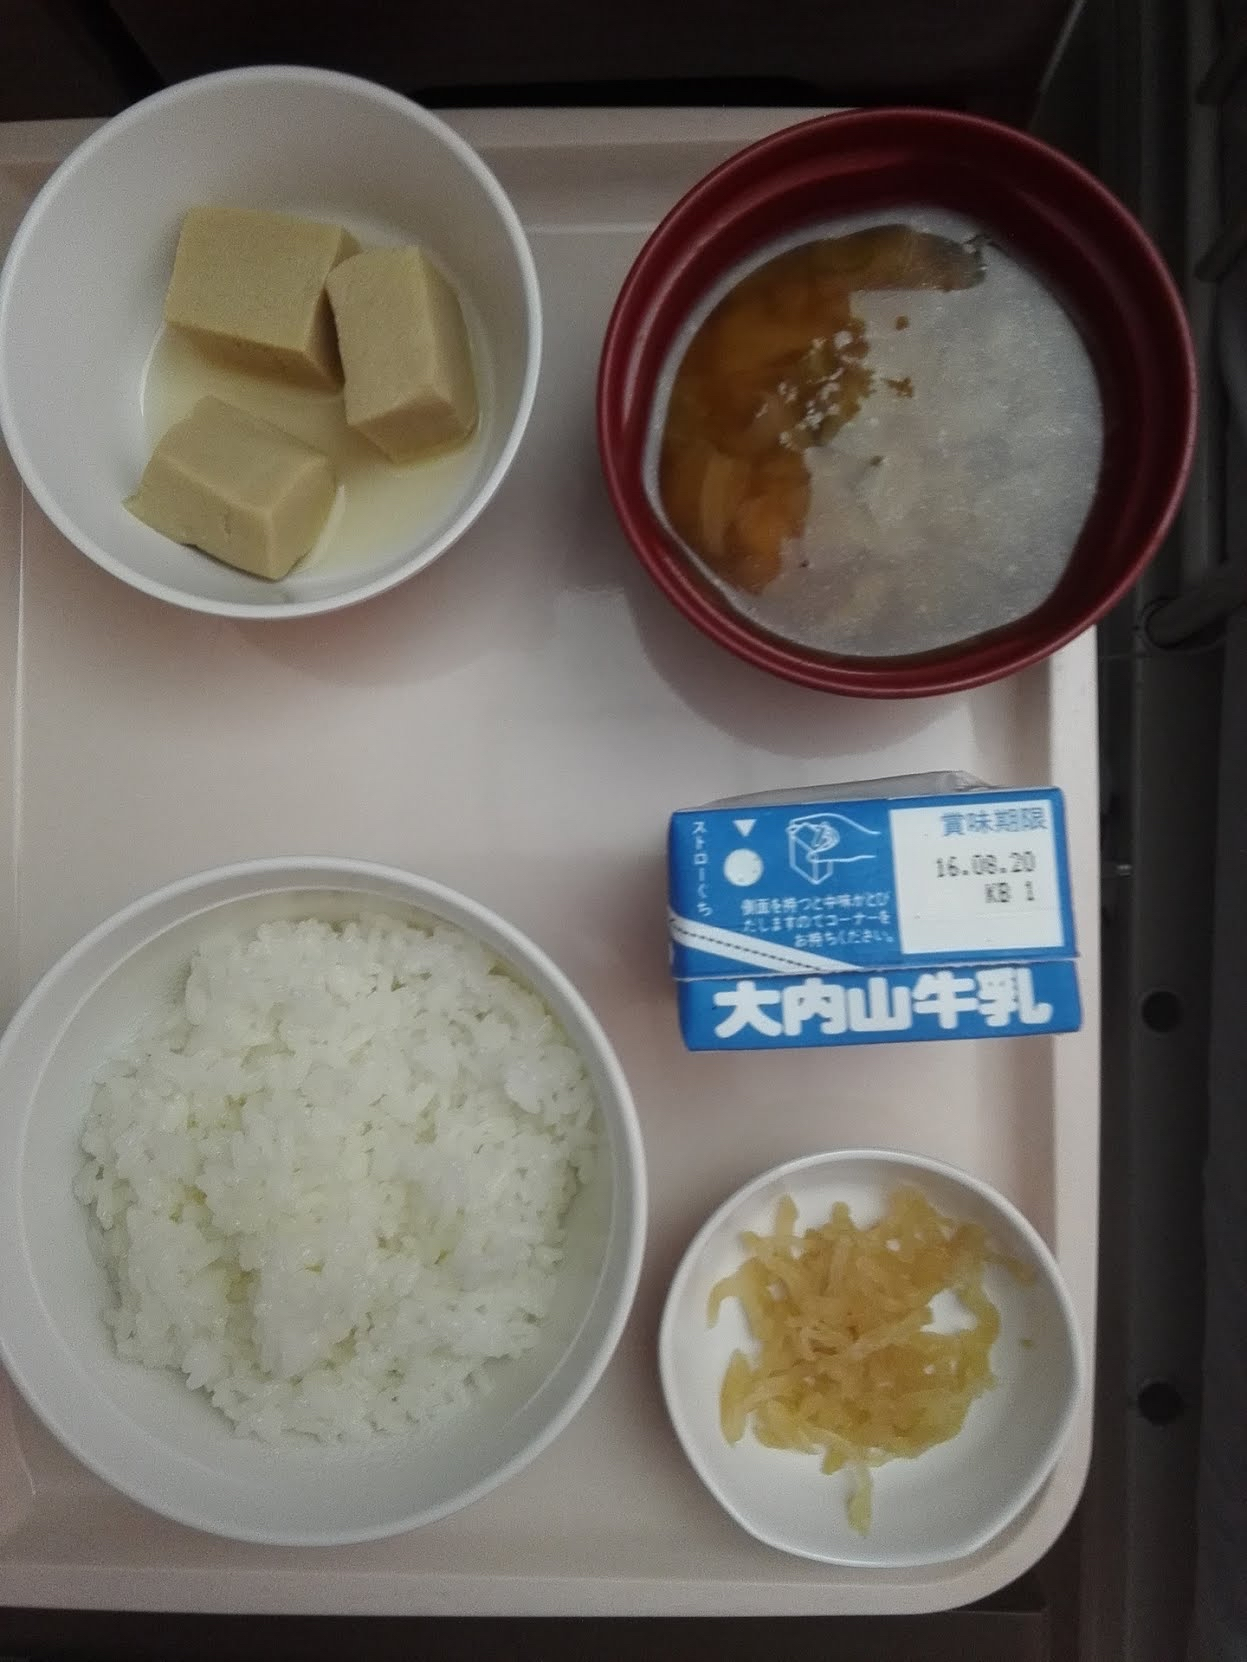 【悲報】病院の3食、つらそう